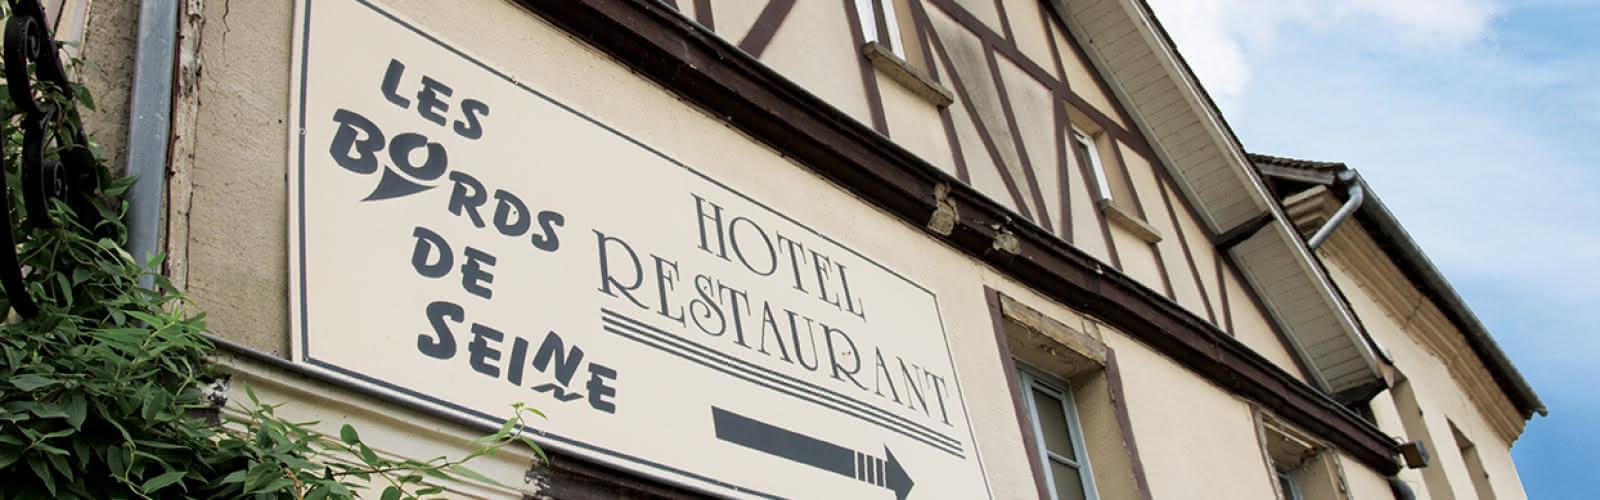 Hôtel les Bords de Seine